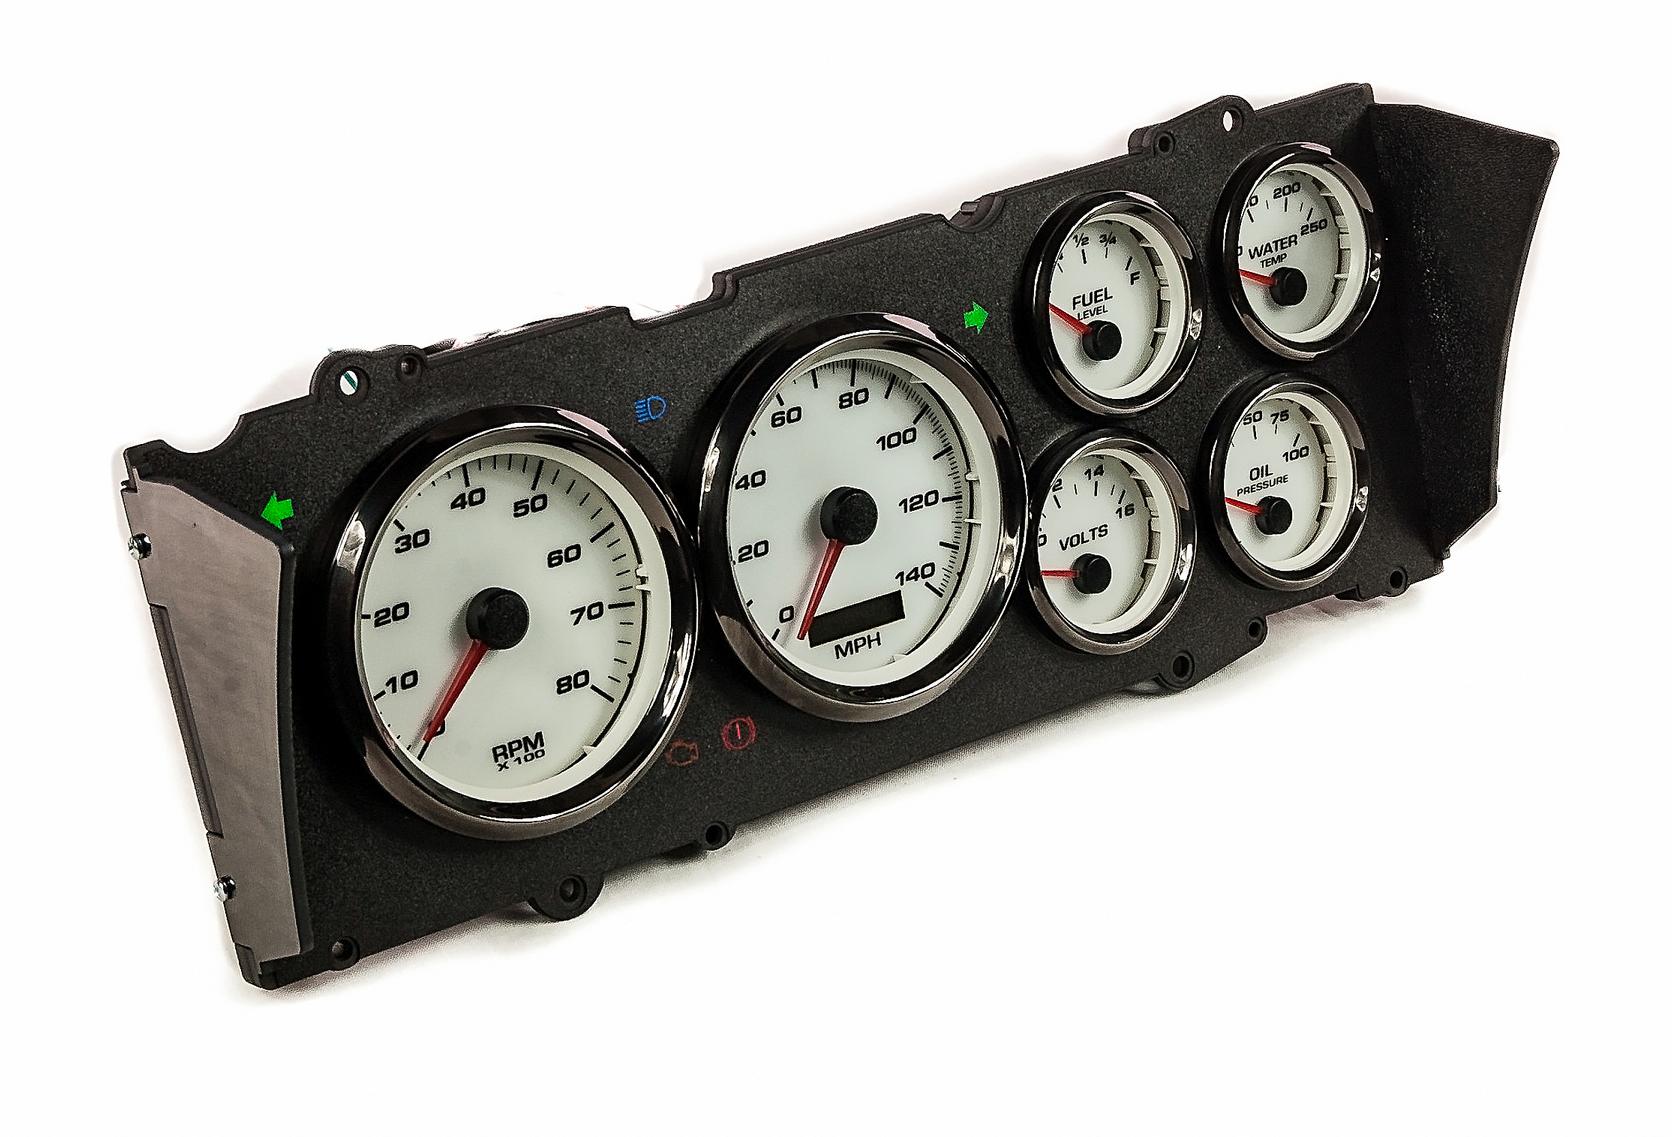 cutalss g-body afternmarket gauges instruments